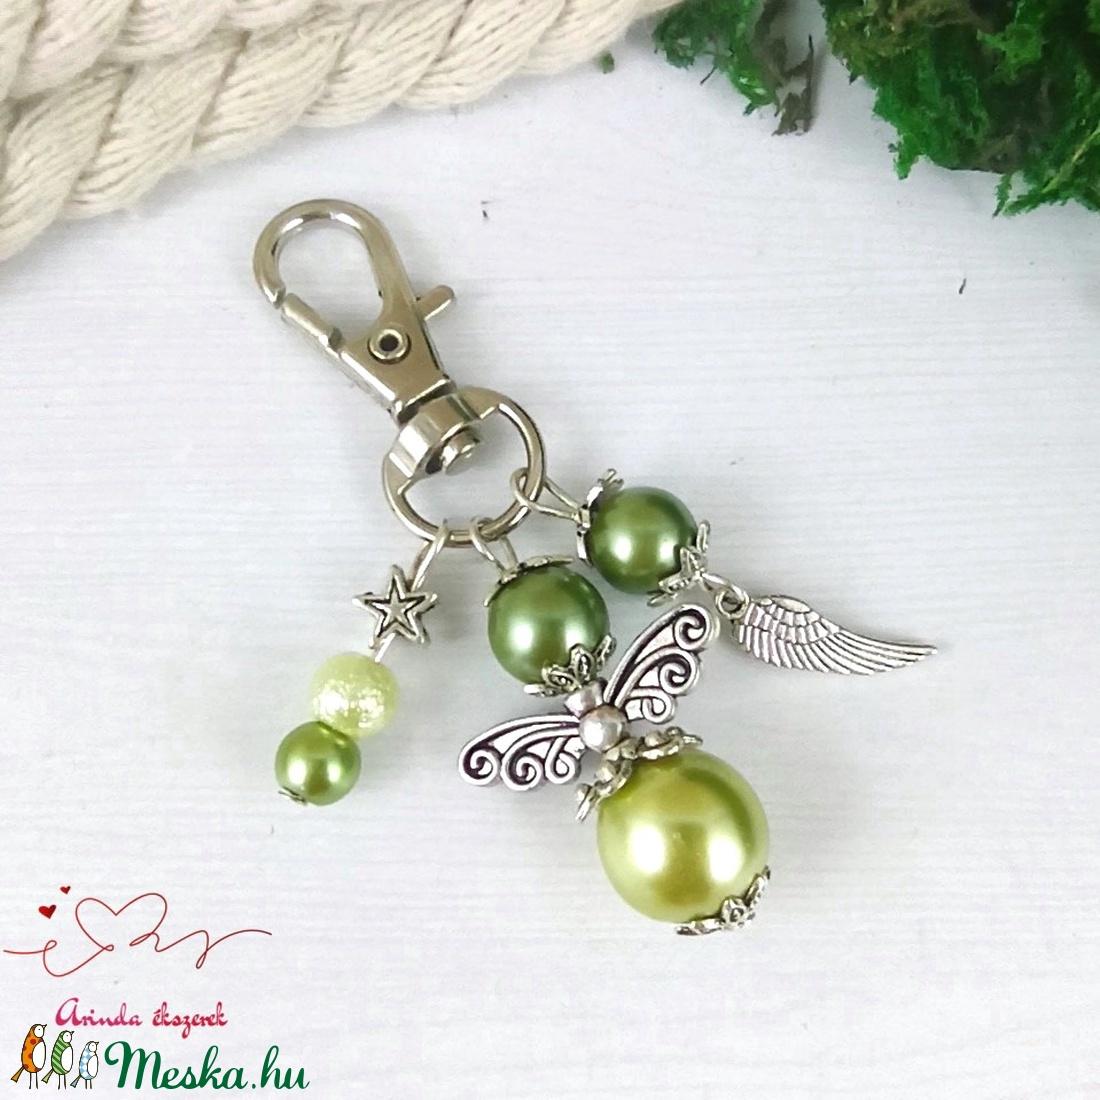 Zöld angyalkás kulcstartó táskadísz anyák napja ballagás évzáró pedagógus karácsony szülinap névnap  - táska & tok - kulcstartó & táskadísz - táskadísz - Meska.hu